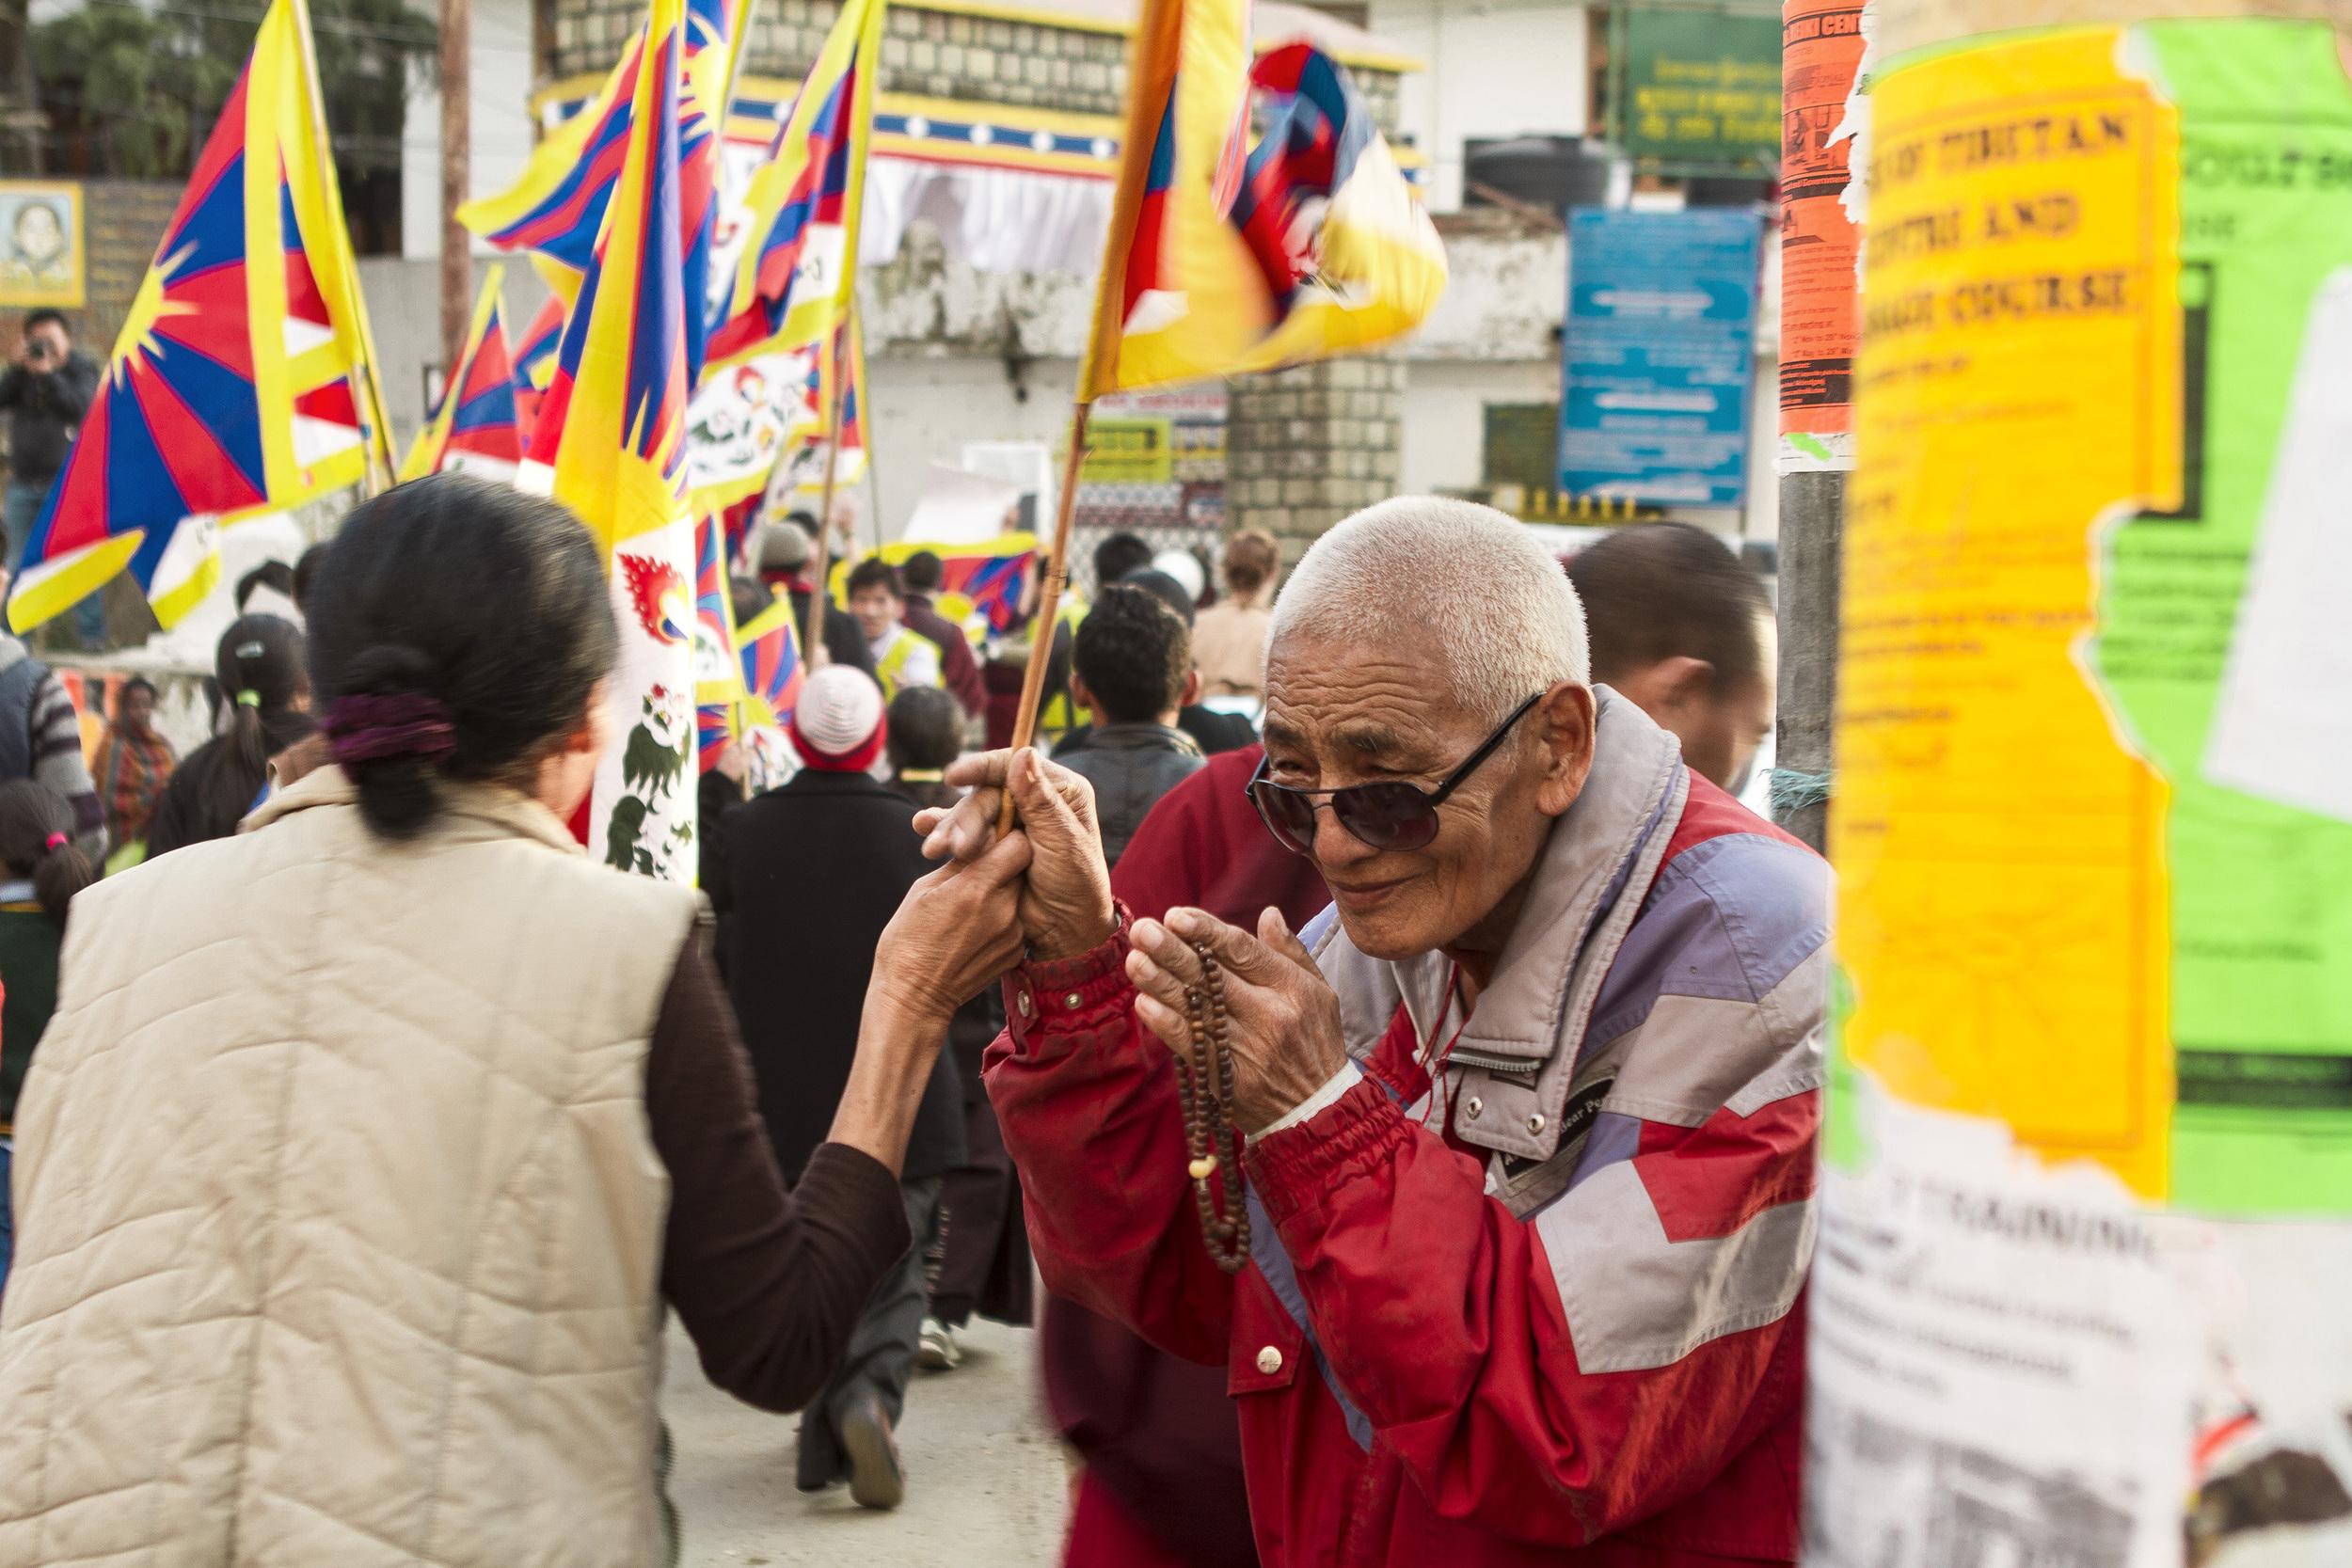 8 November, 2012 - McLeod Ganj   An old Tibetan nun pauses in a sea of Tibetan flags as marchers enter the gates of the Tsuglagkhang.